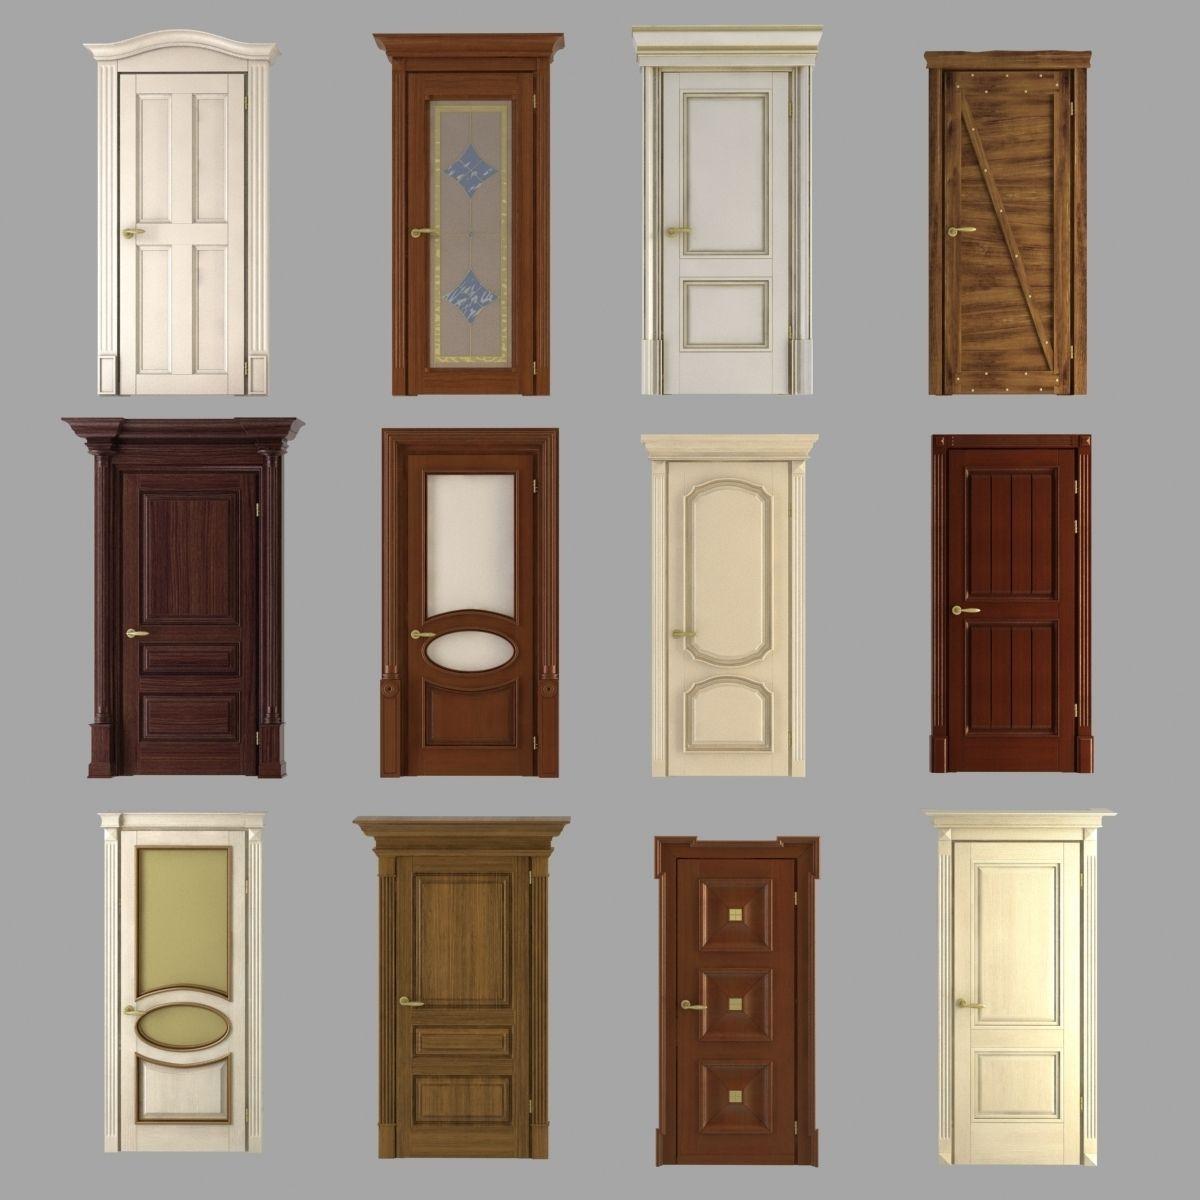 classic doors collection 3d model max obj mtl 3ds fbx 1 ... & Classic Doors Collection 3D model | CGTrader